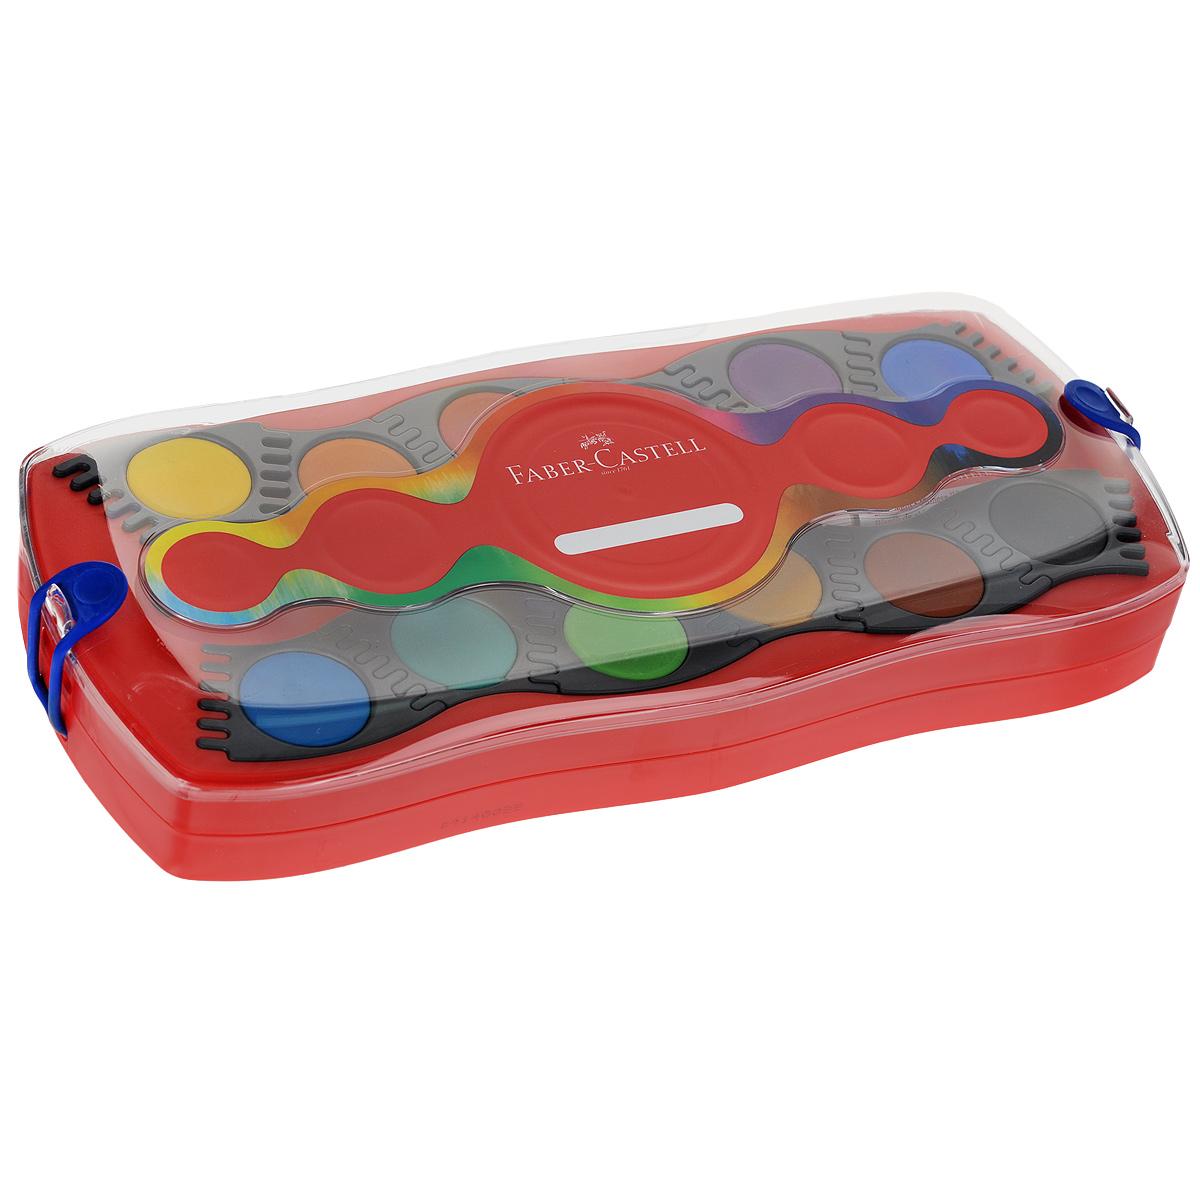 Акварельные краски Faber-Castell Connector, 24 шт125029Акварельные краски Faber-Castell Connector идеально подойдут как для детского художественного творчества, так и для изобразительных и оформительских работ. Краски легко размываются, создавая прозрачный цветной слой, отлично смешиваются между собой, не крошатся и не смазываются, быстро сохнут.В наборе 24 краски ярких, насыщенных цветов, а также тюбик с белой краской и кисть. Каждый цвет представлен в основе круглой формы, располагающейся в отдельной ячейке, которую можно перемещать либо комбинировать с нужными красками, что делает процесс рисования легким и удобным. Коробка представляет собой два поддона для ячеек с красками с отсеками для кисти и белой краски, а крышка - палитру. Отличный подарок для любителя рисовать акварелью! Рекомендуемый возраст: от 8 лет.